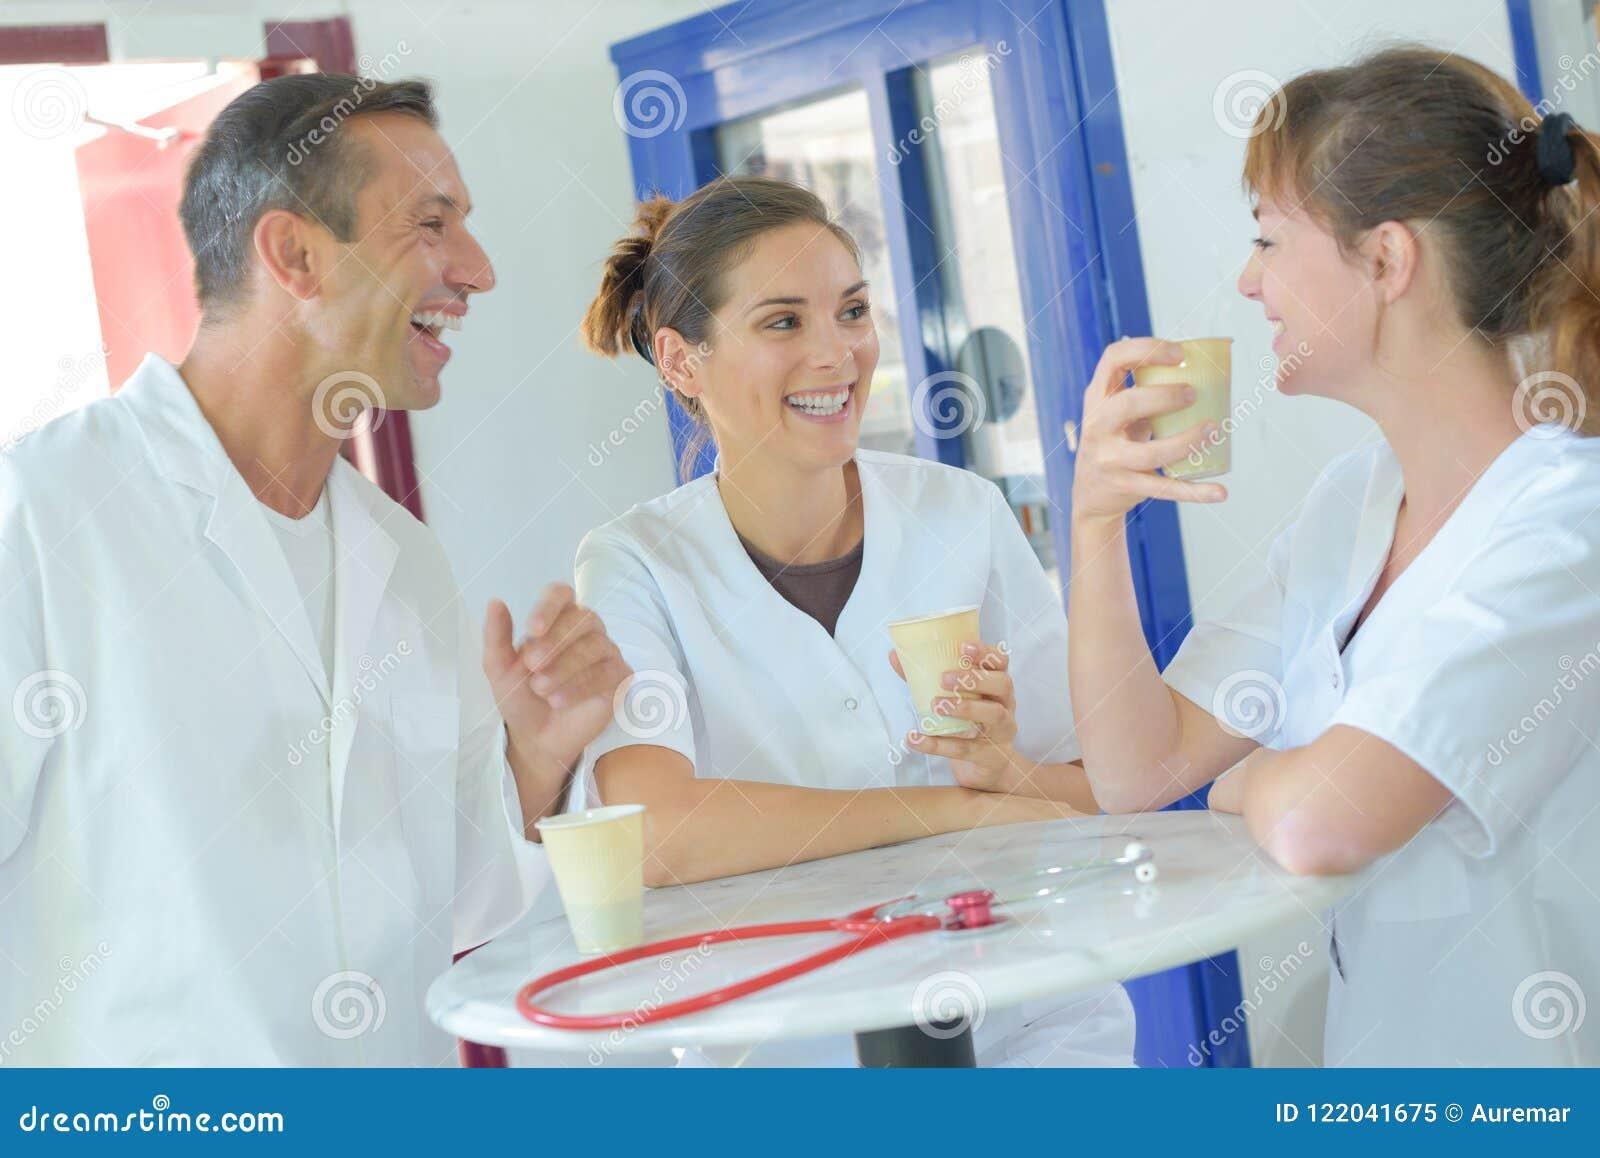 Ιατρικό προσωπικό που γελά και καφές κατανάλωσης